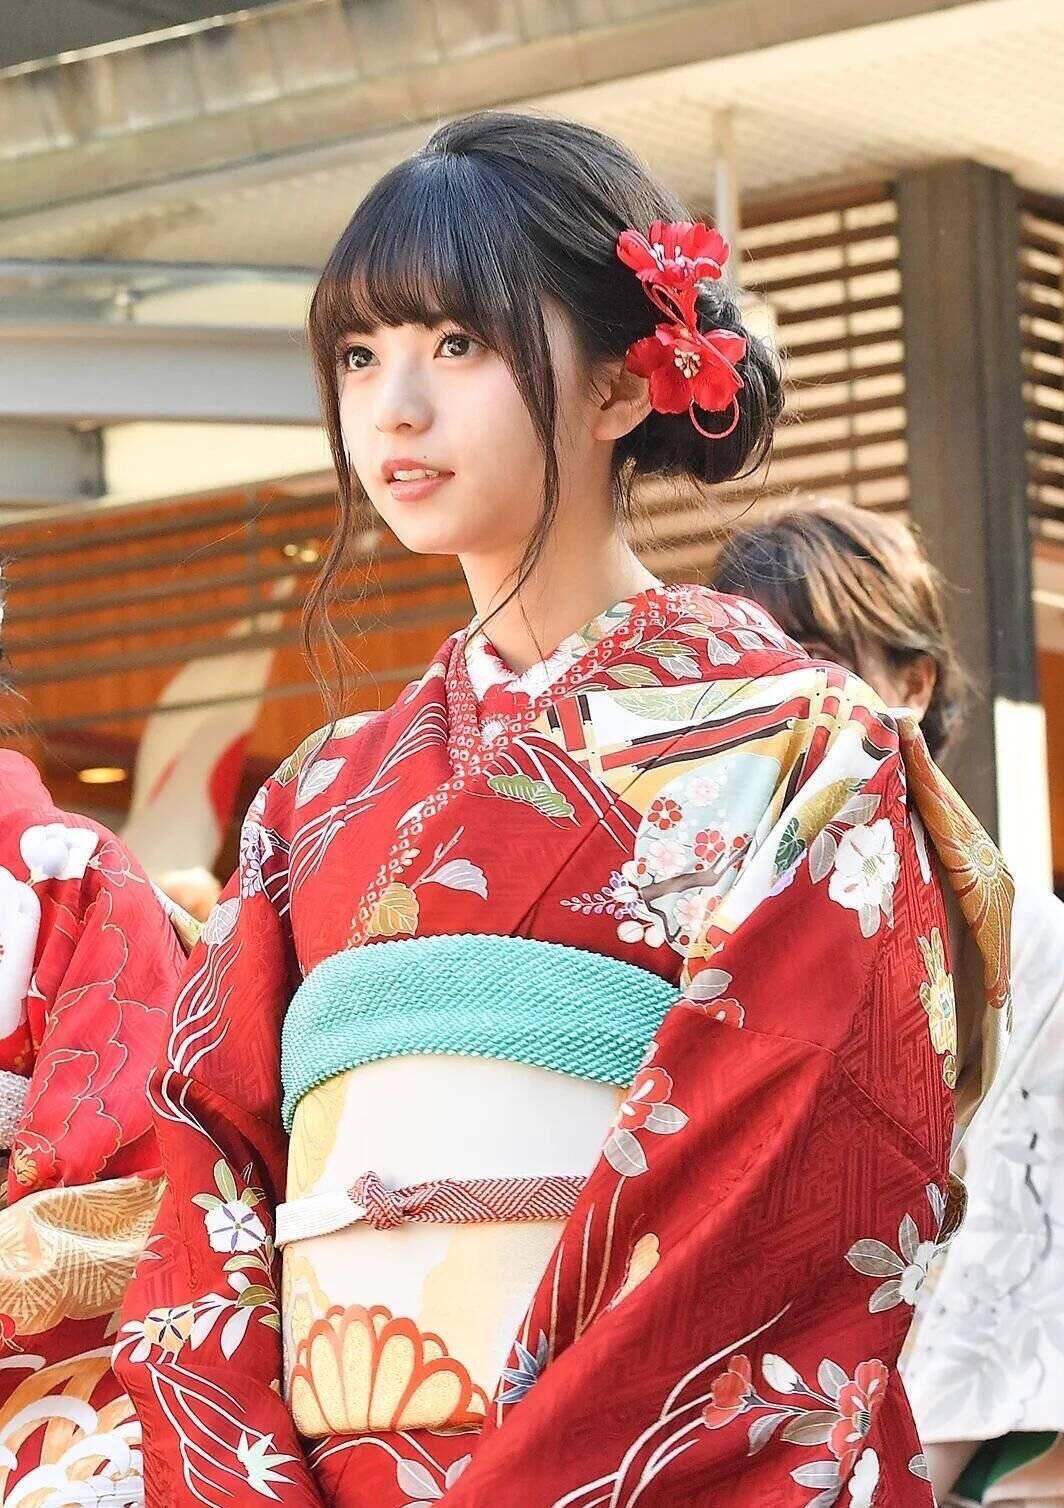 saitou_asuka016.jpg